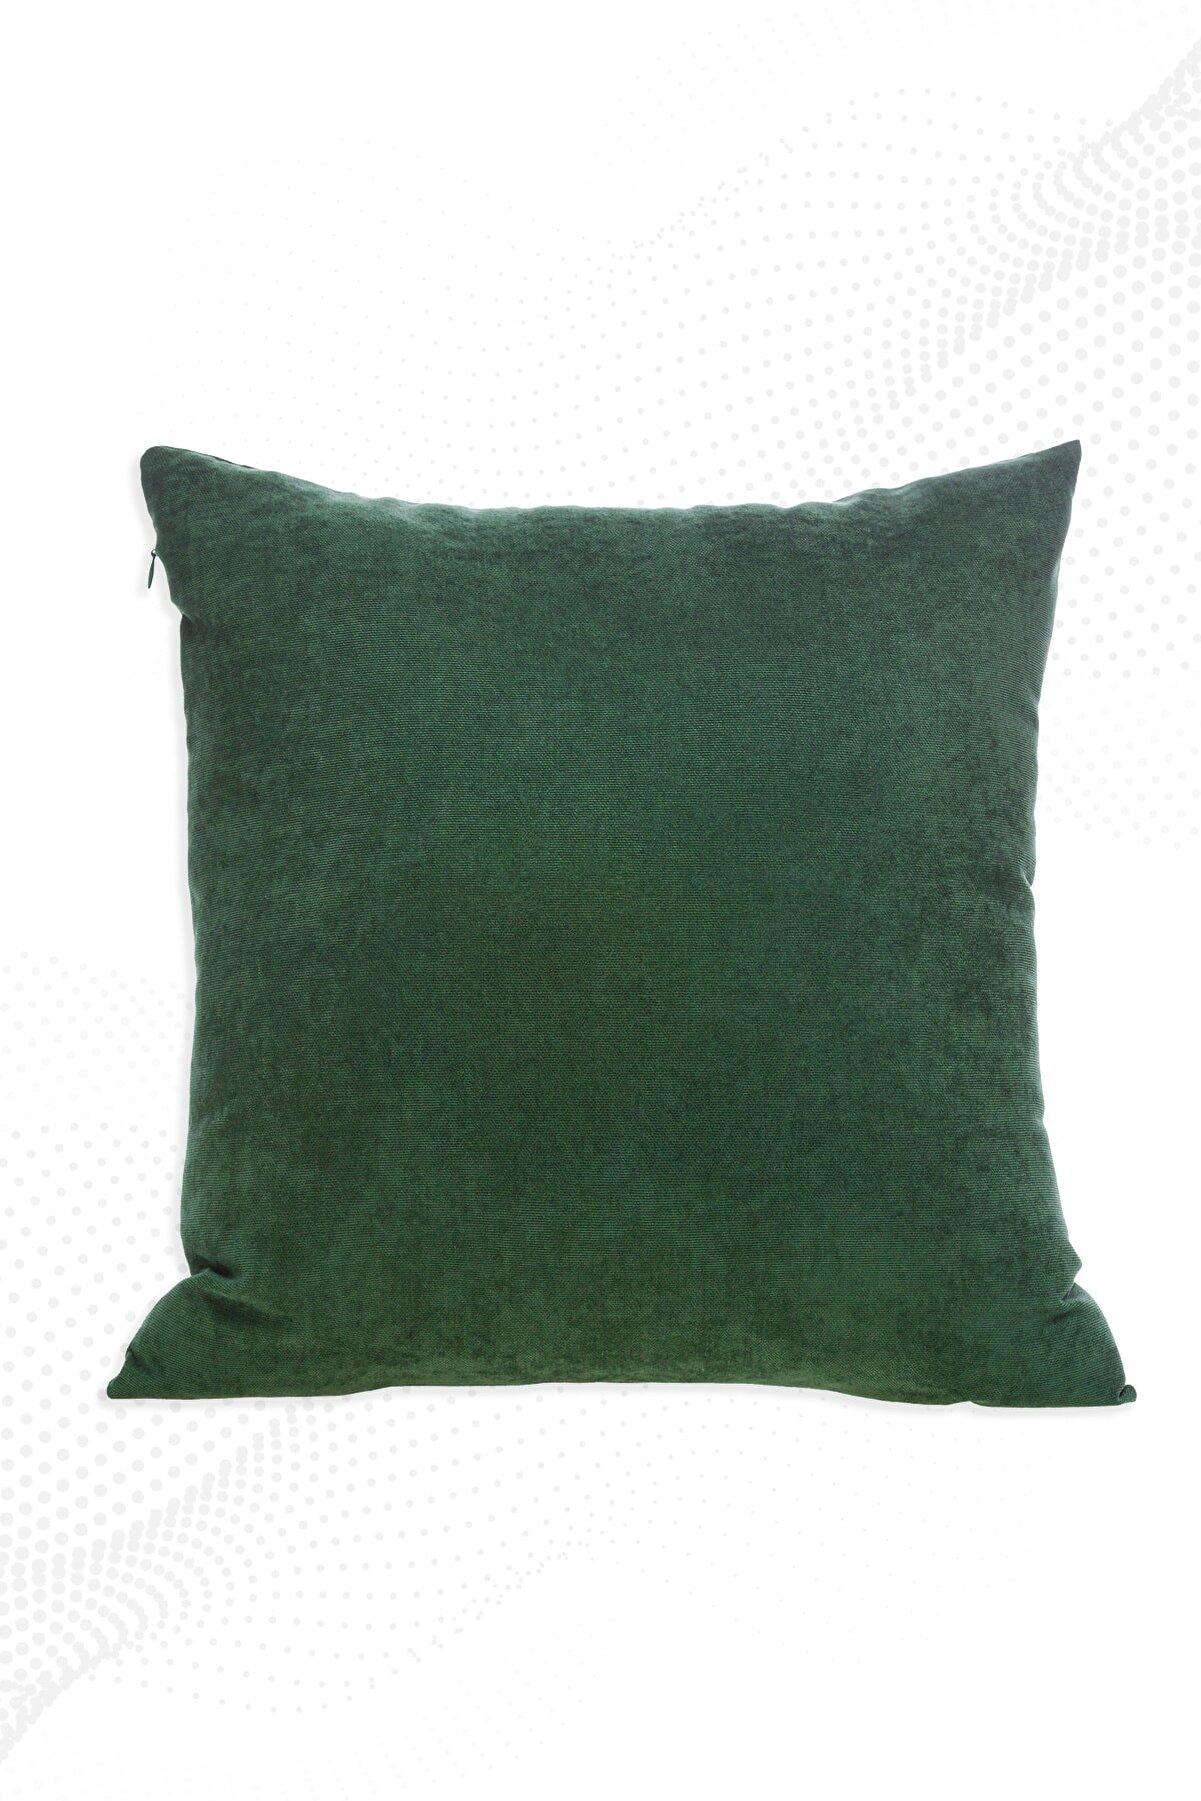 ÖZENEV Yeşil Kırlent Kılıfı Dekoratif Düz Sade Panoroma-588